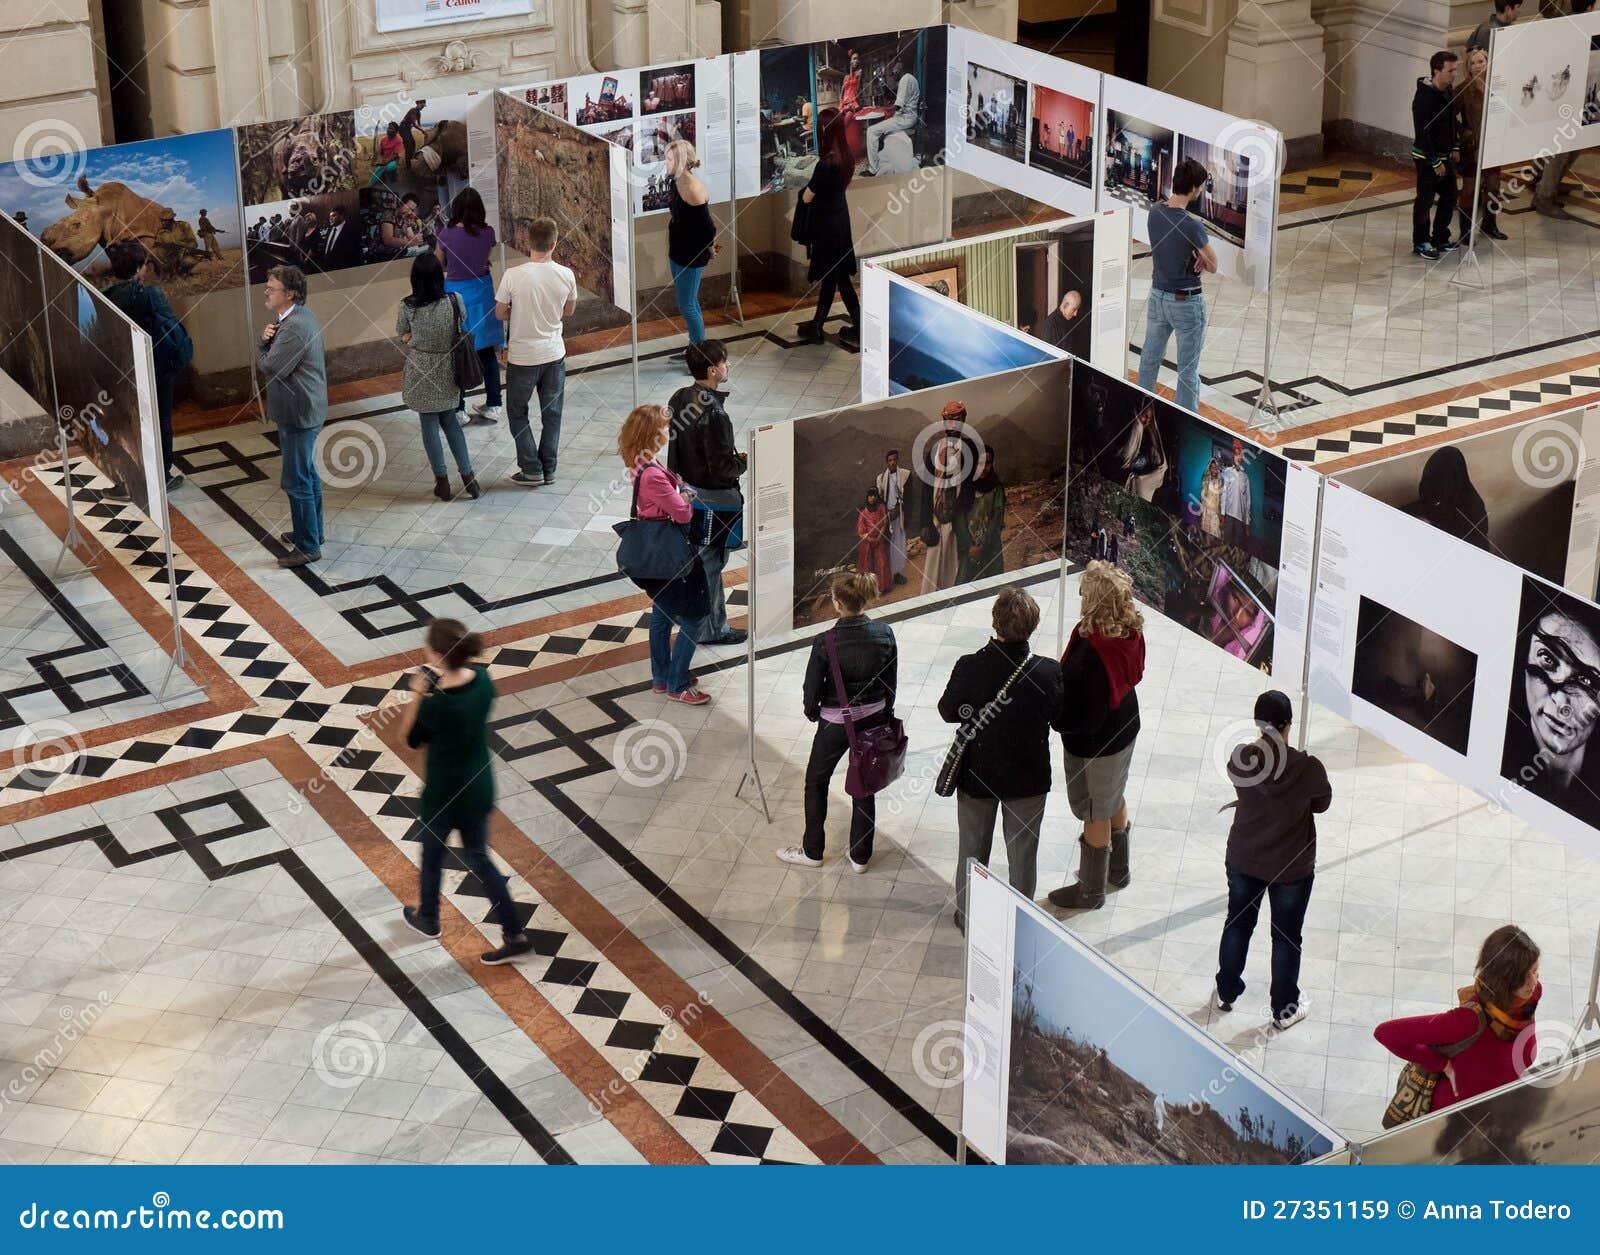 De Tentoonstelling Van World Press Photo In Boedapest